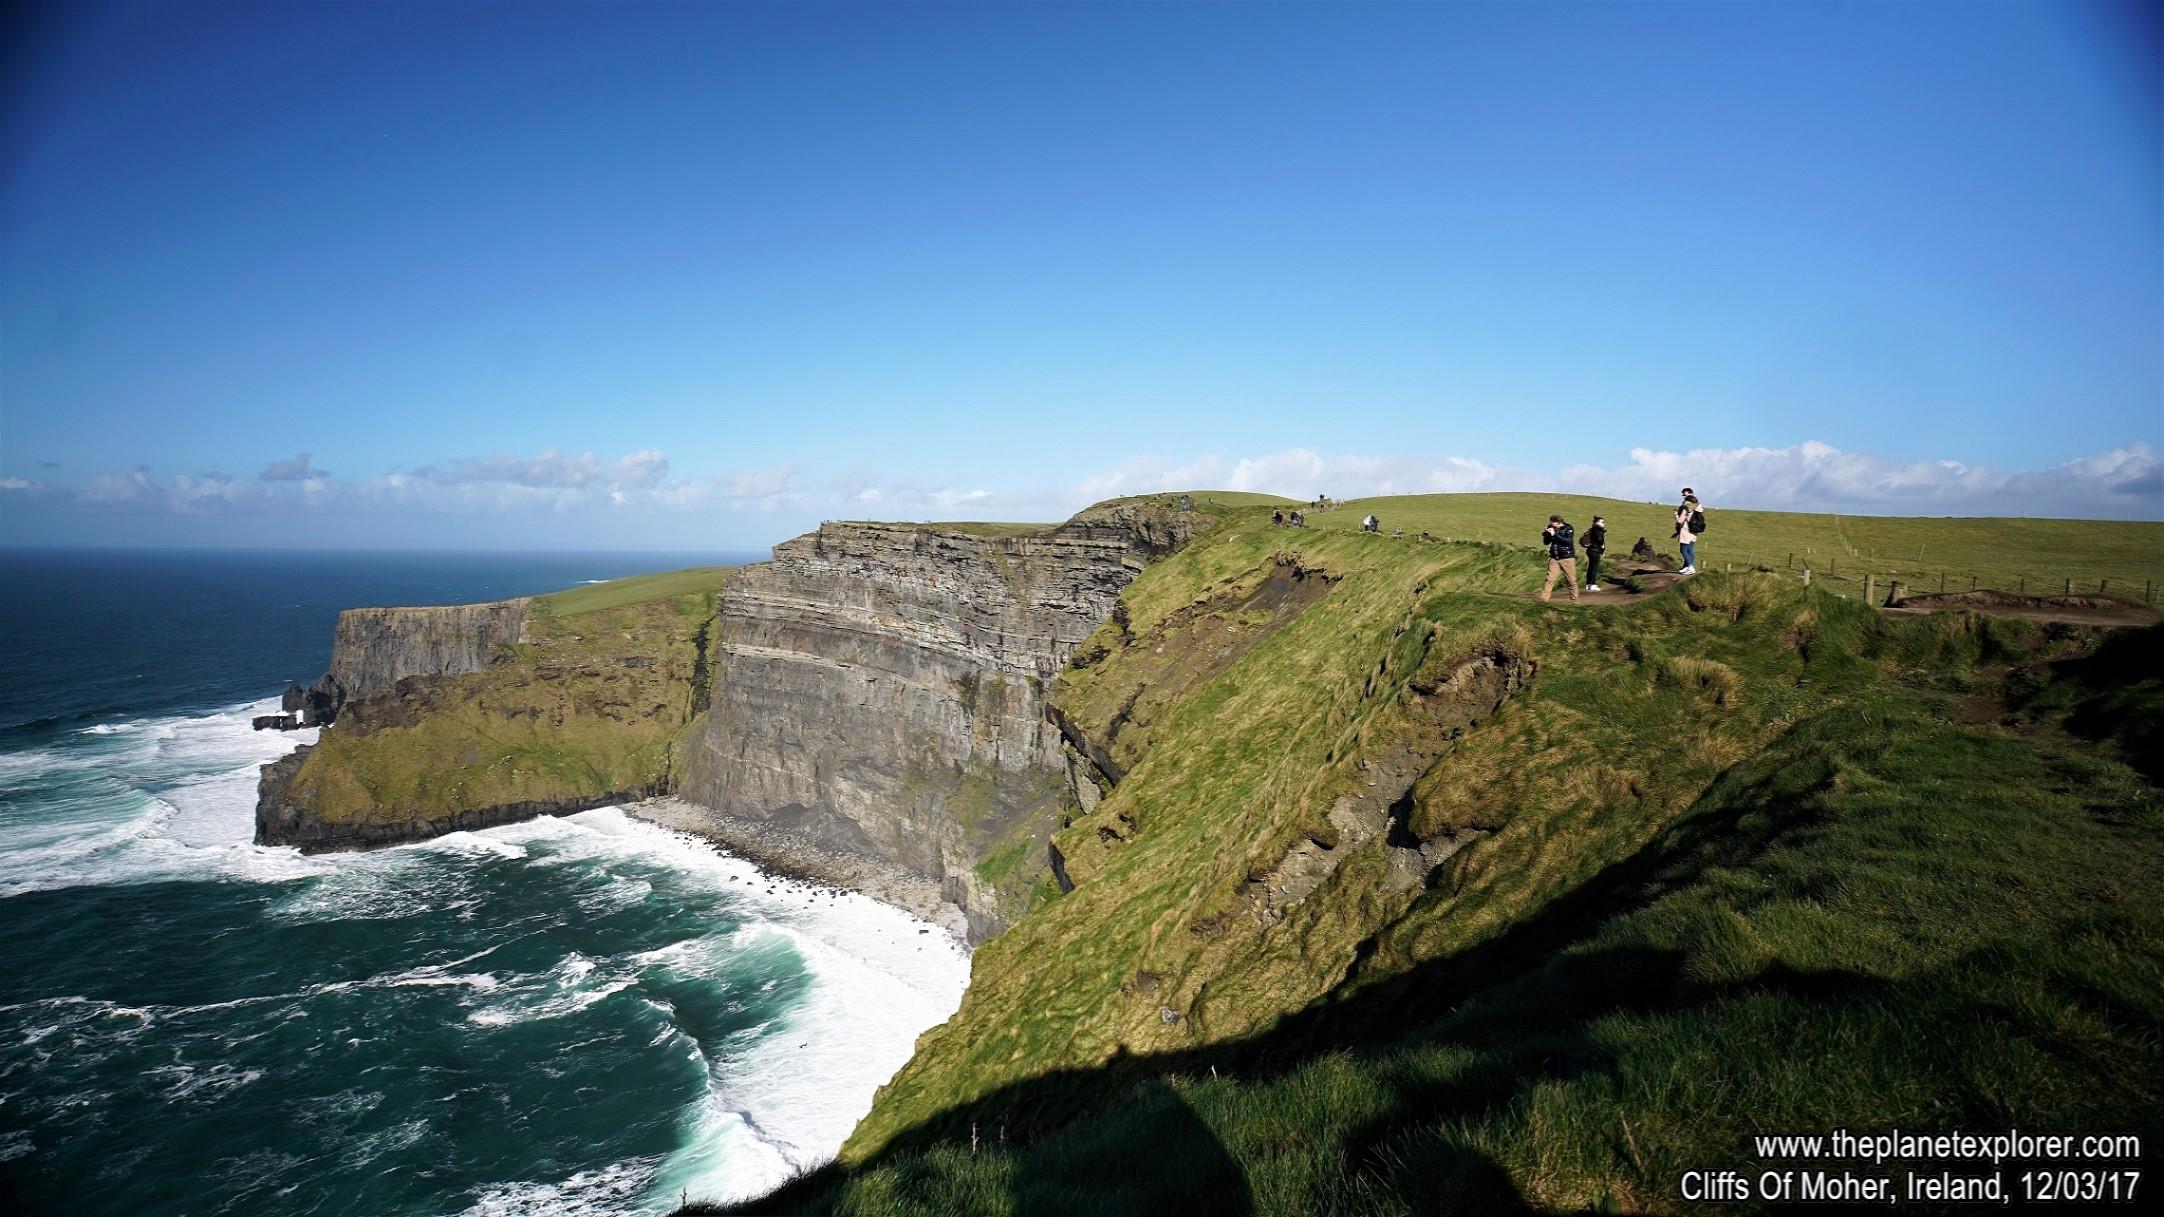 2017-03-12_1508_Ireland_Cliffs Of Moher_DSC07642_s7R2_LR_@www